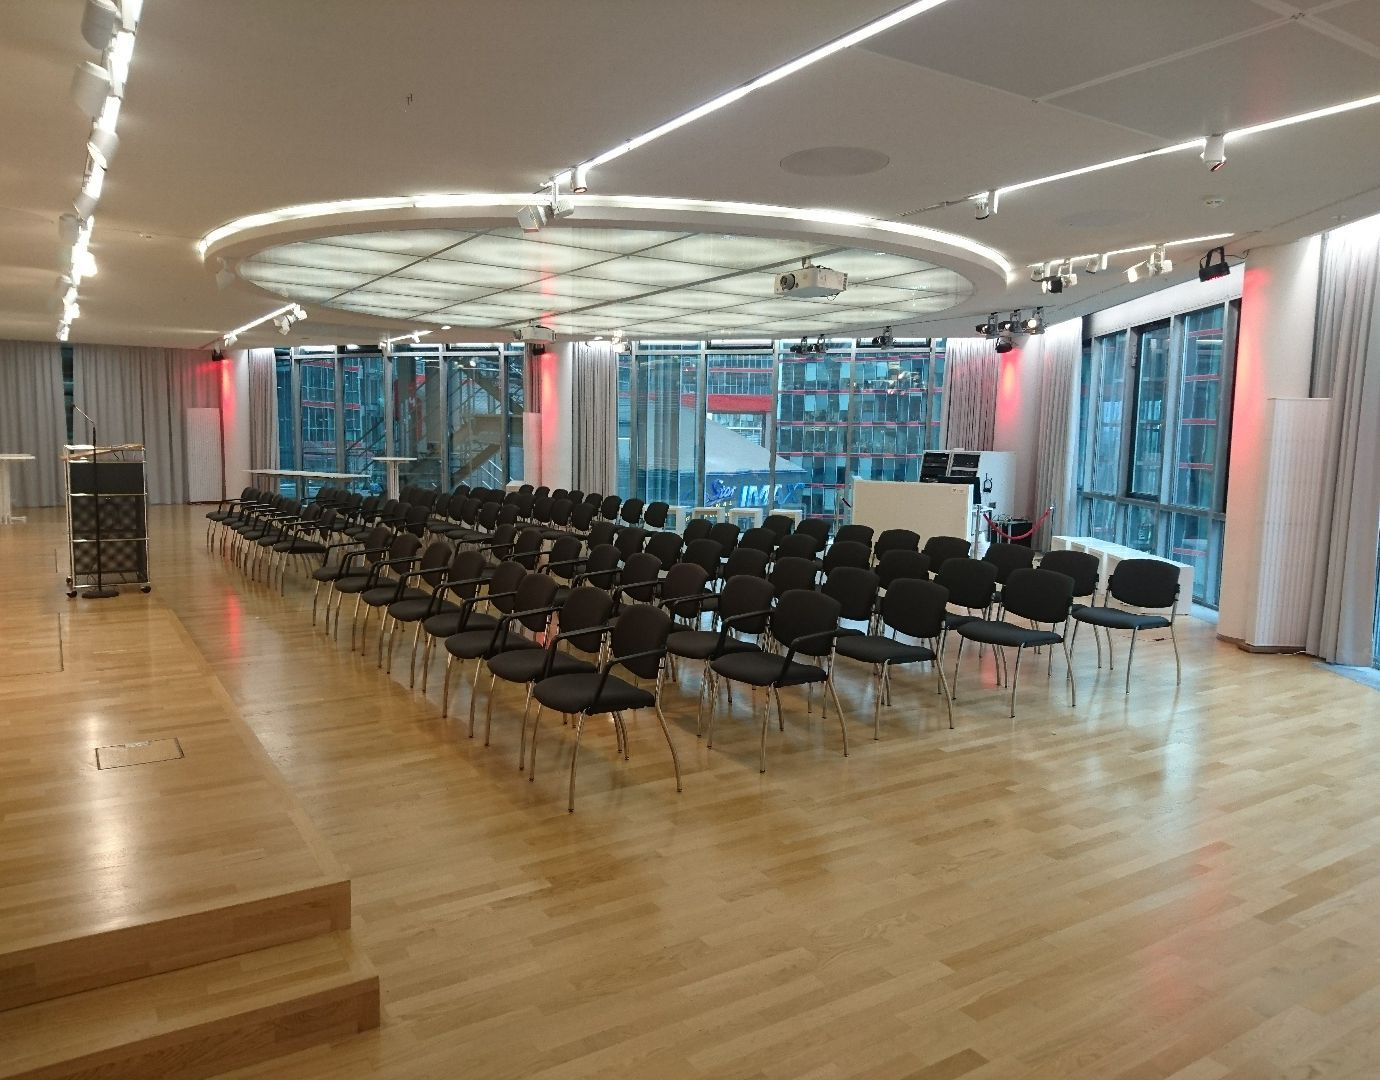 The function room of the Deutsche Kinemathek – Museum für Film und Fernsehen during an event without people.